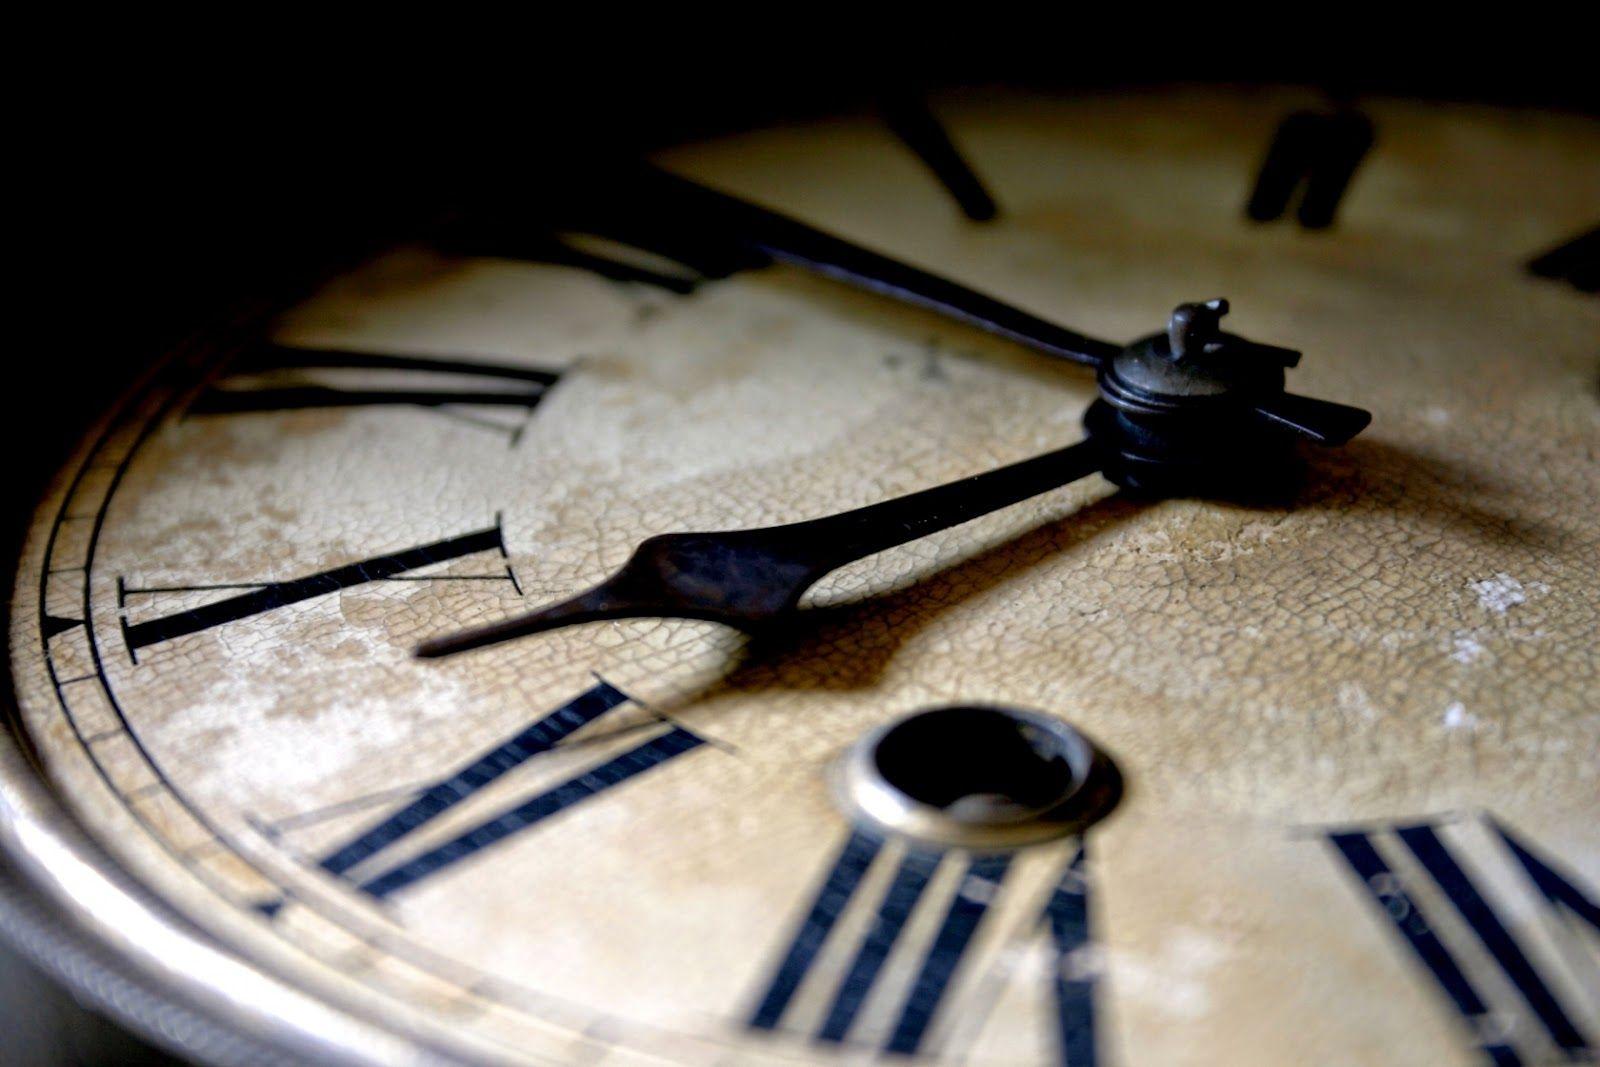 Todo es cuestión de tiempo